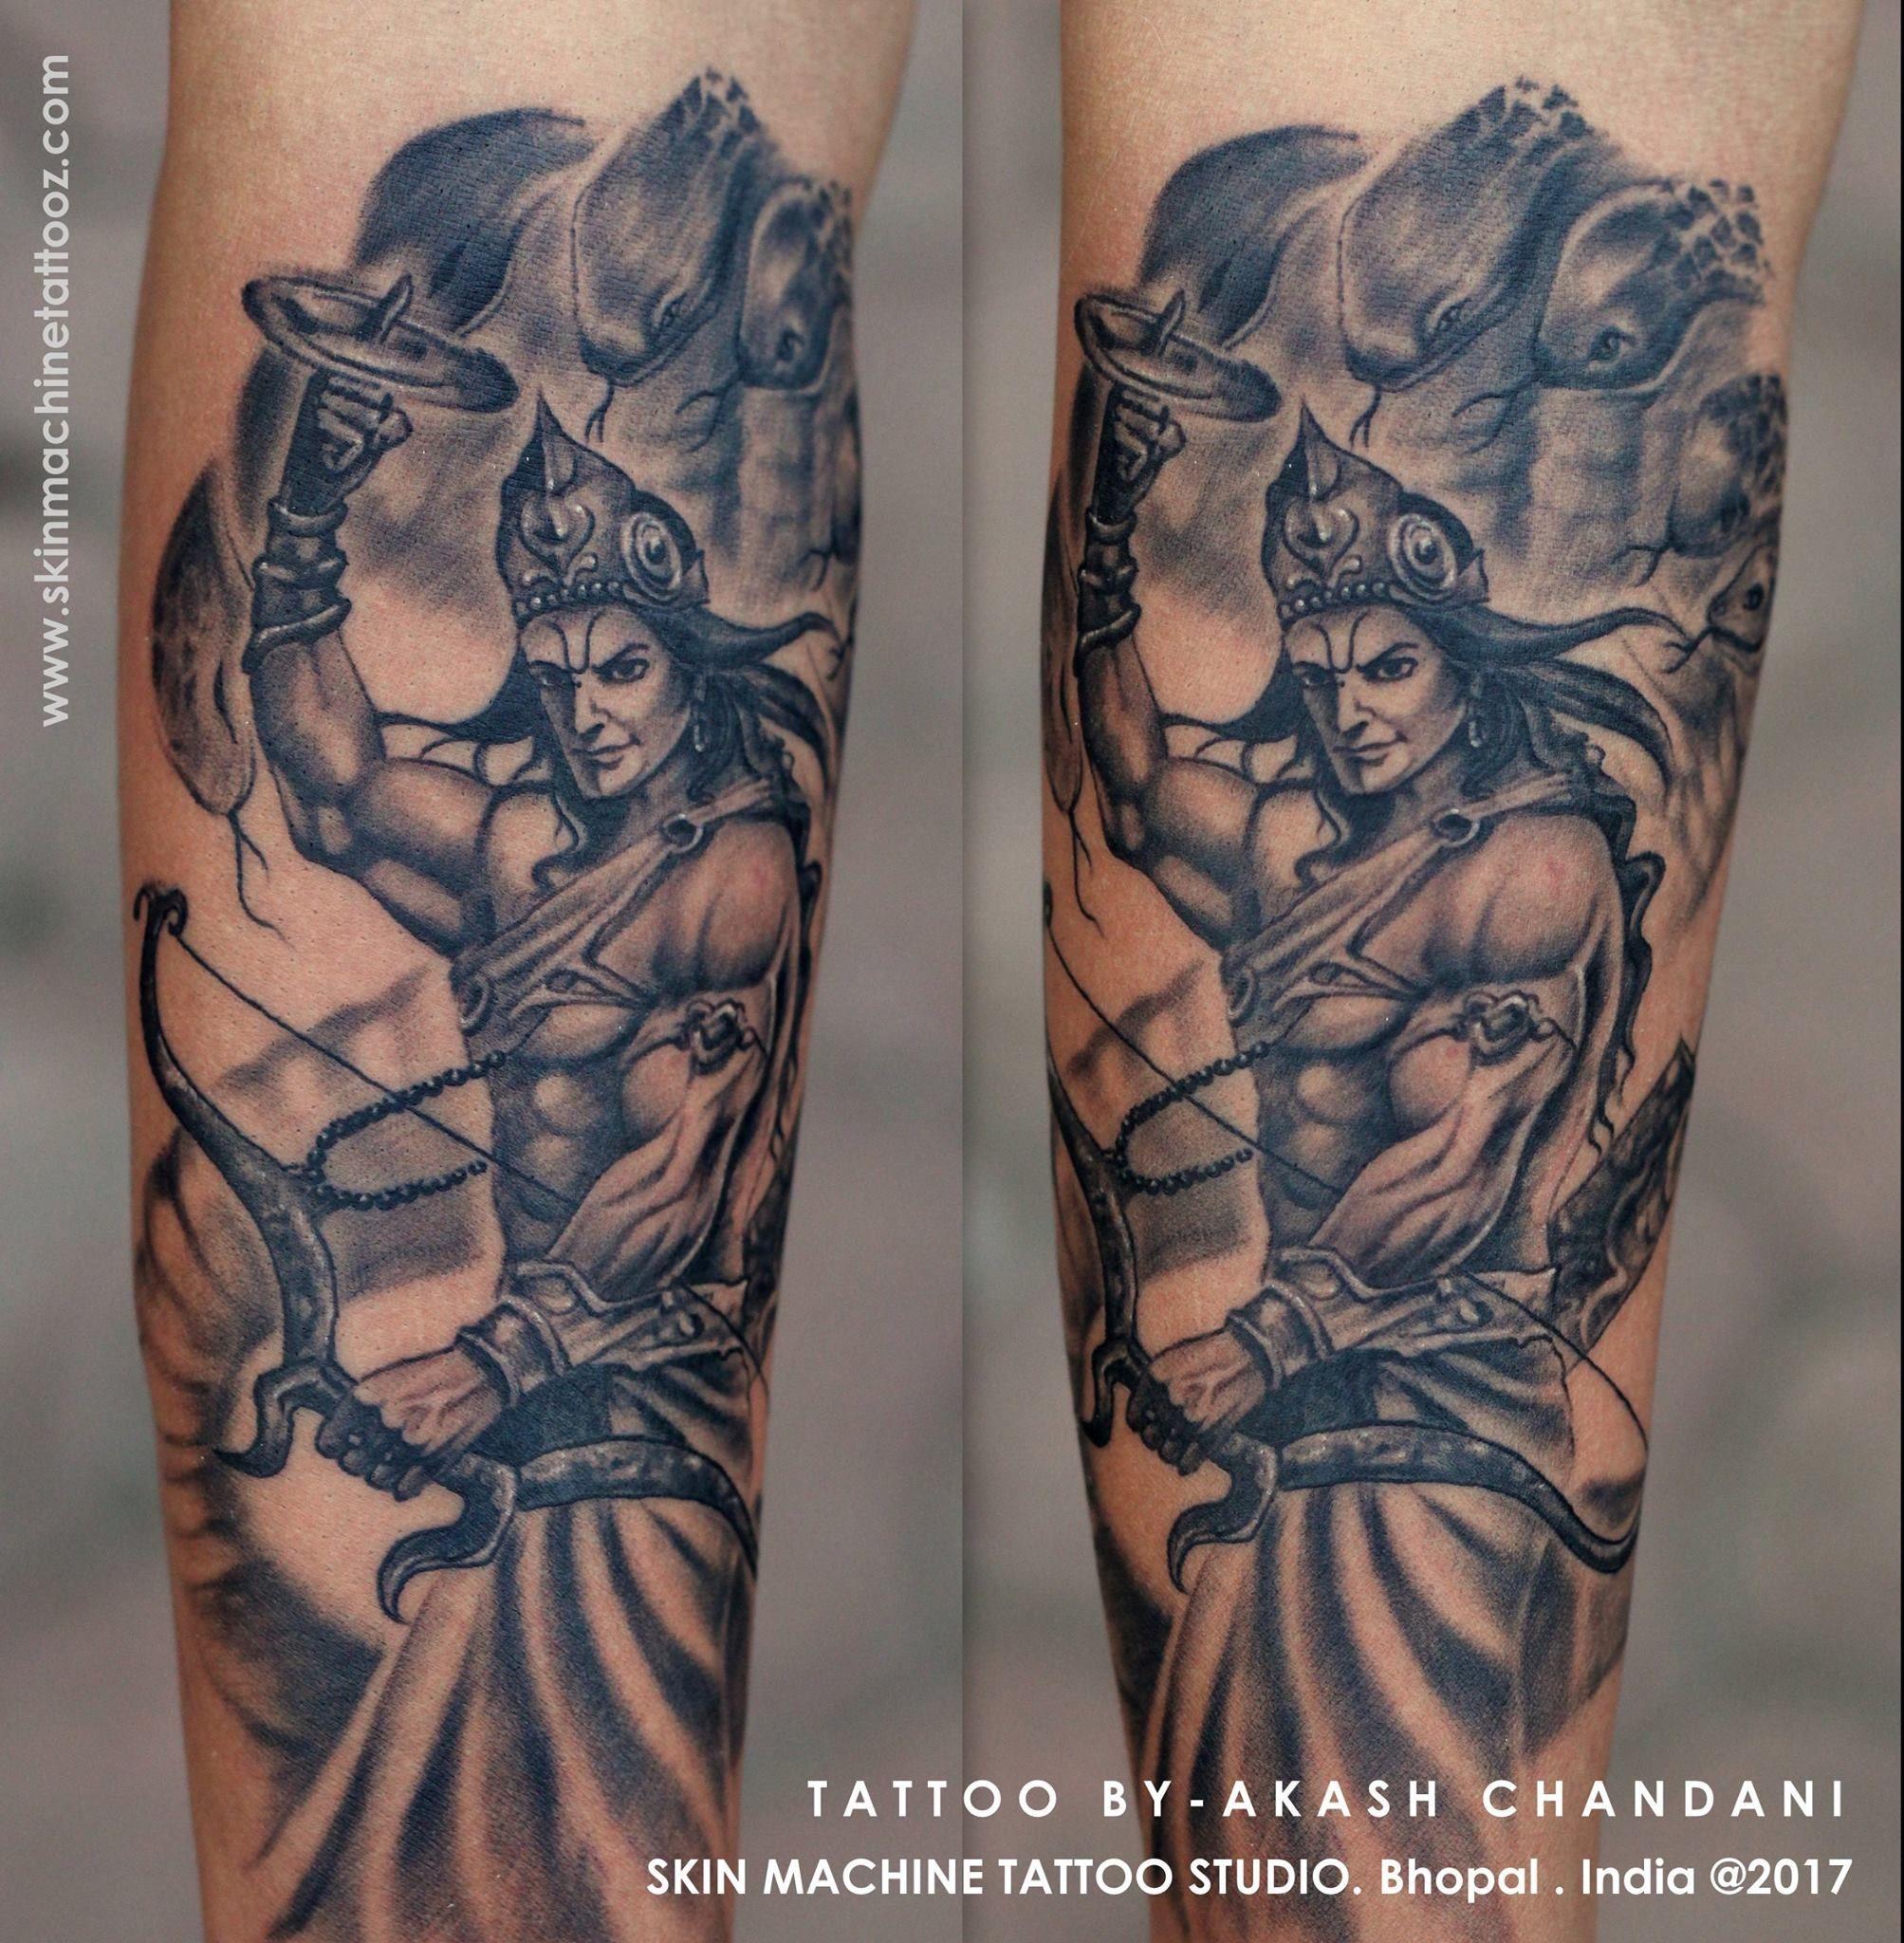 lord vishnu by akash chandani the lord of peace